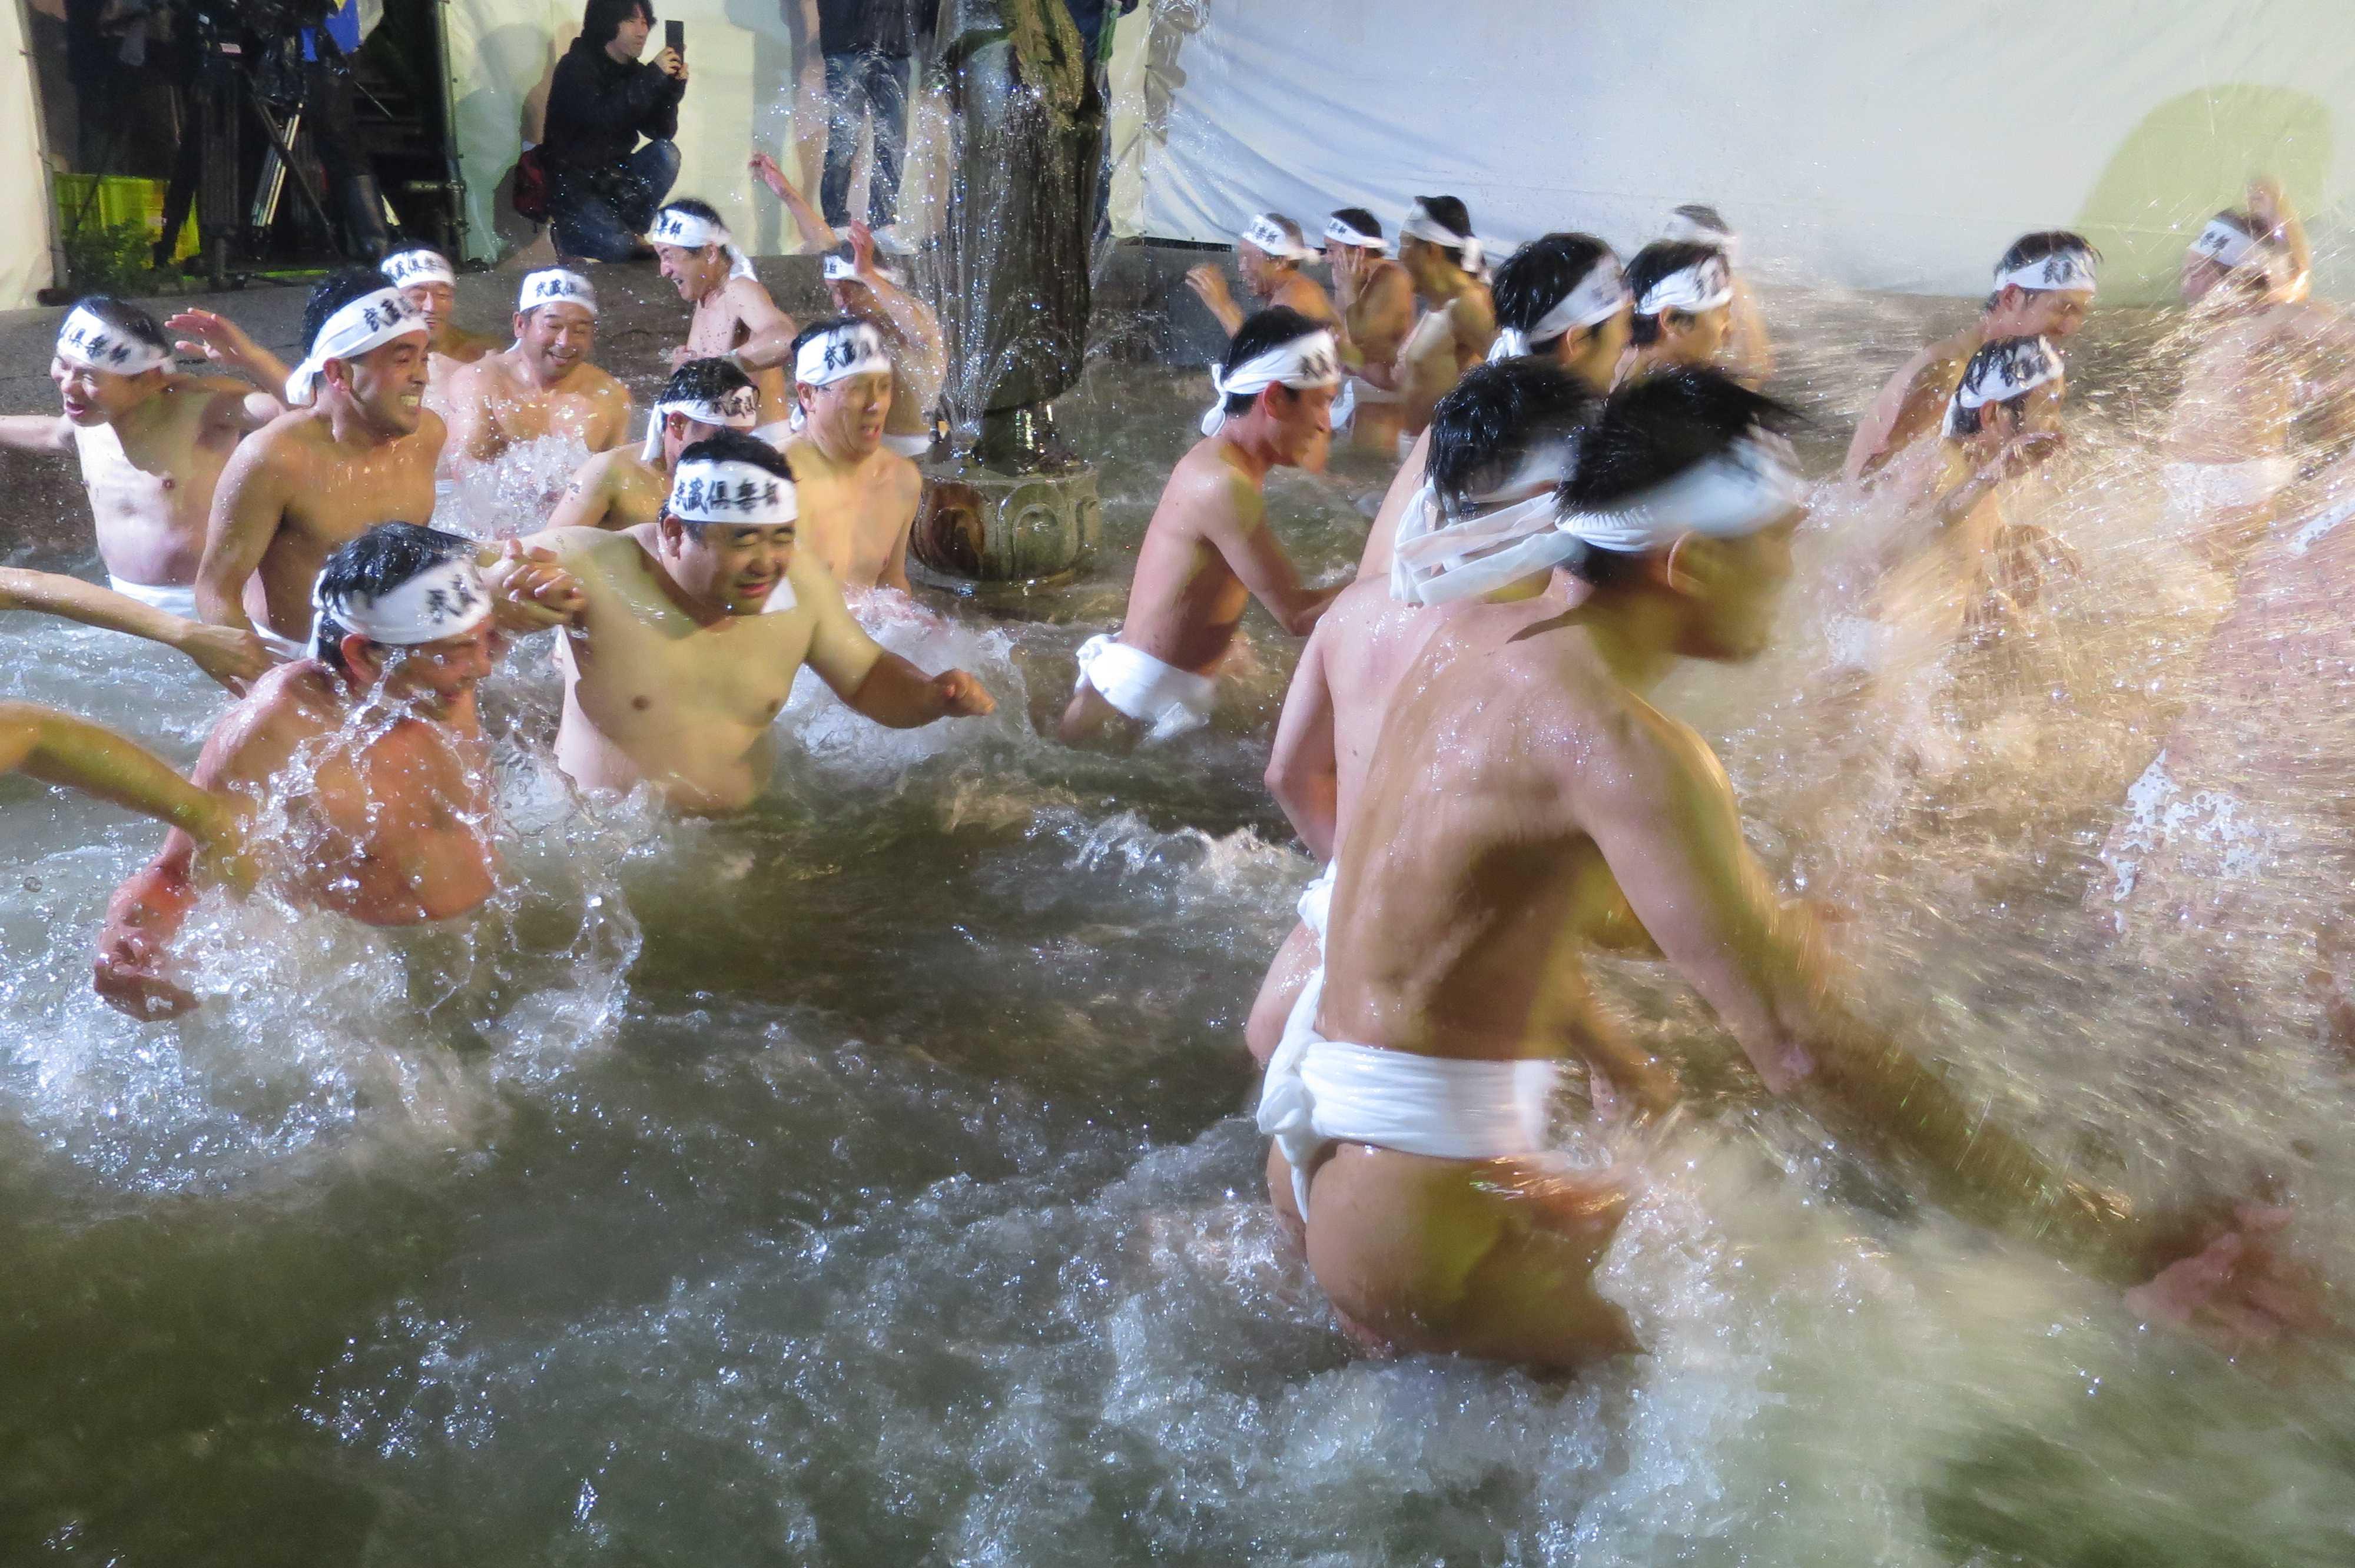 西大寺会陽 - 冷たい水を掛け合う